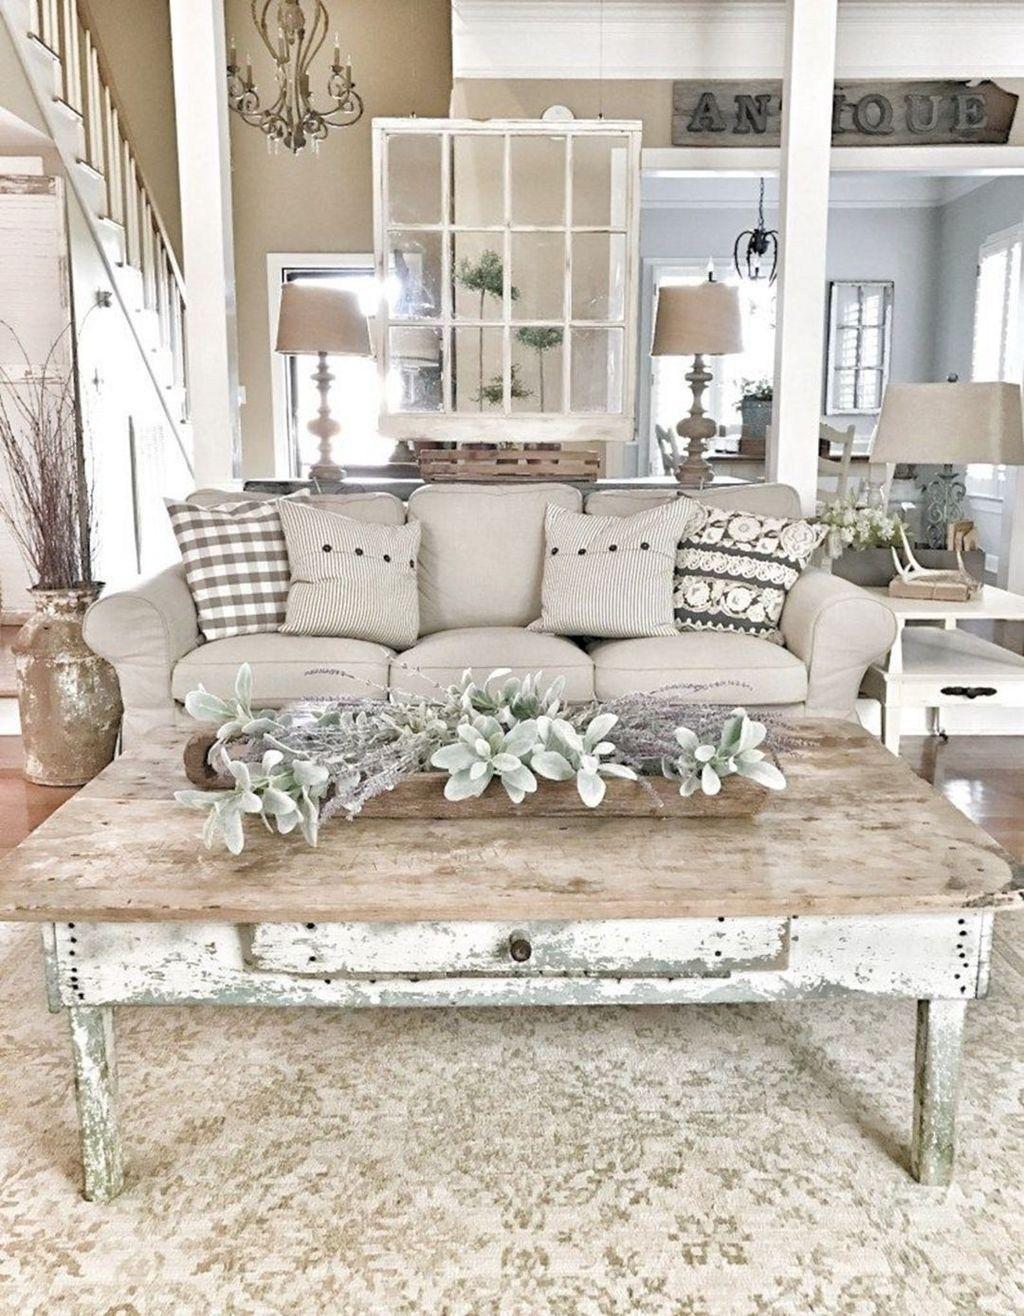 Cozy Farmhouse Living Room Decor Ideas 11 | Modern ...